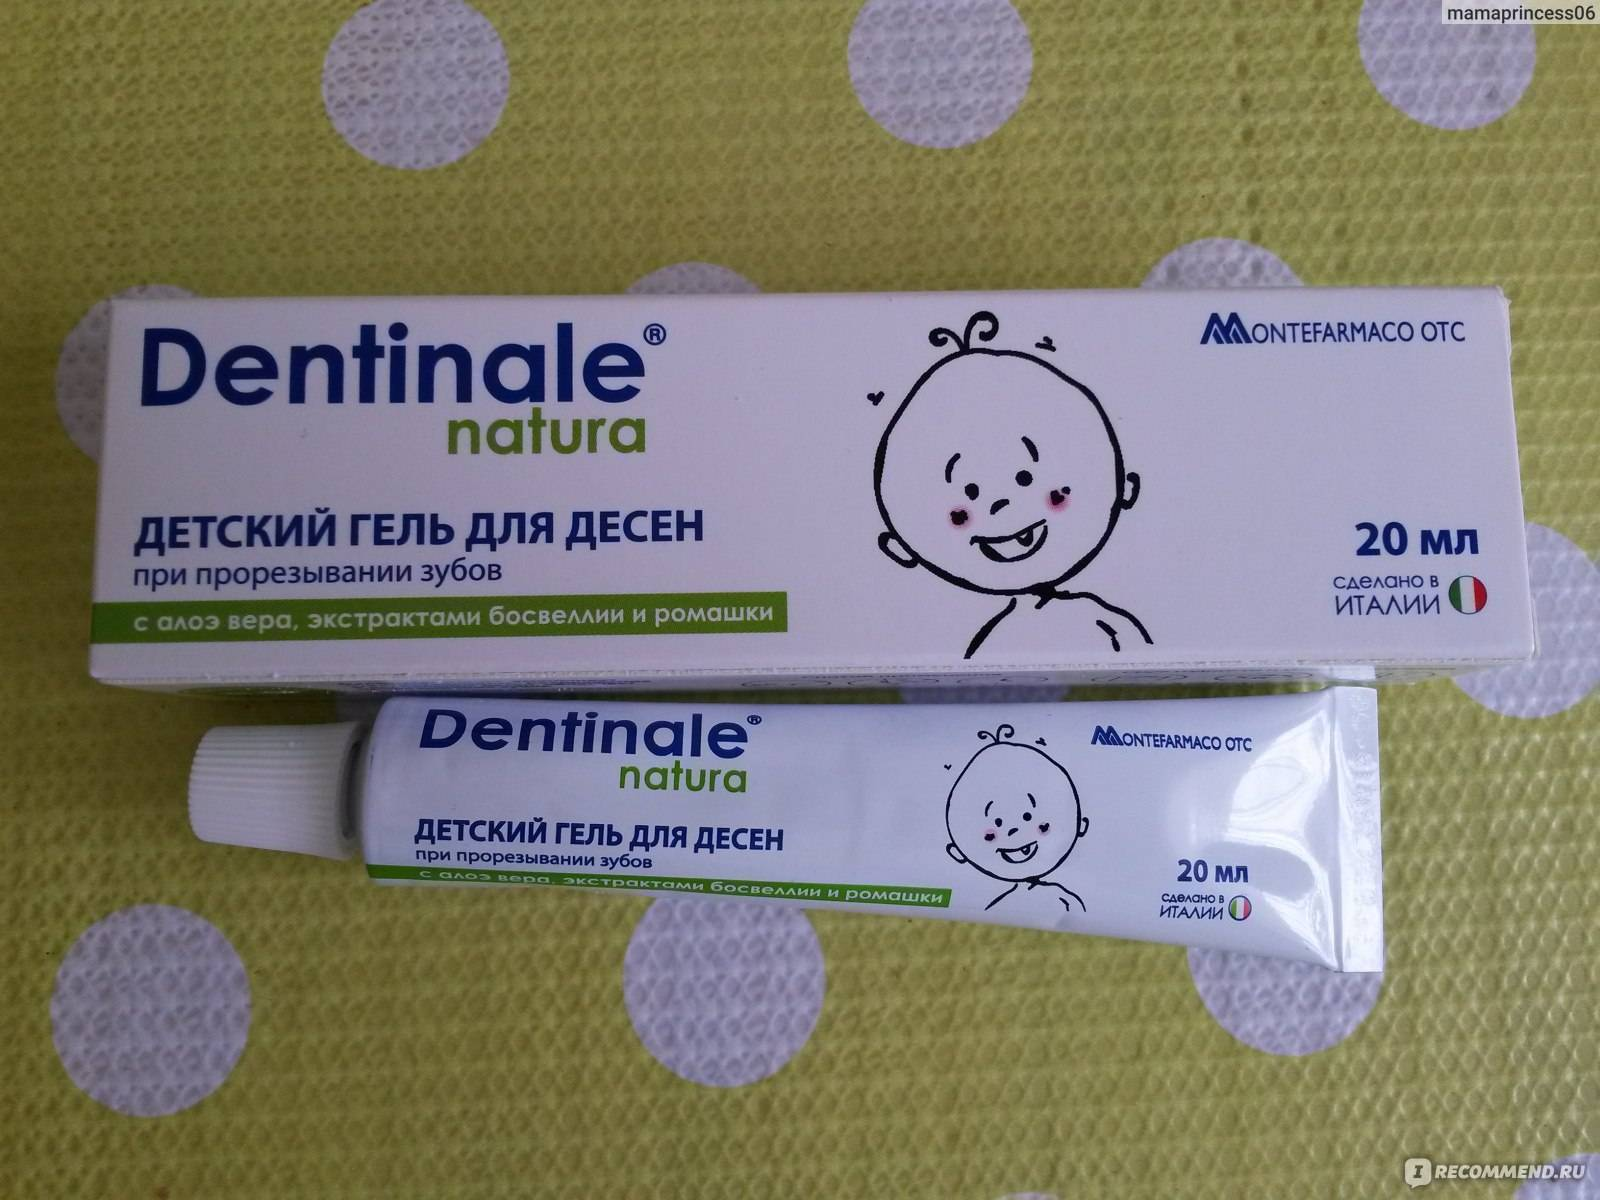 Чем мазать десны при прорезывании зубов